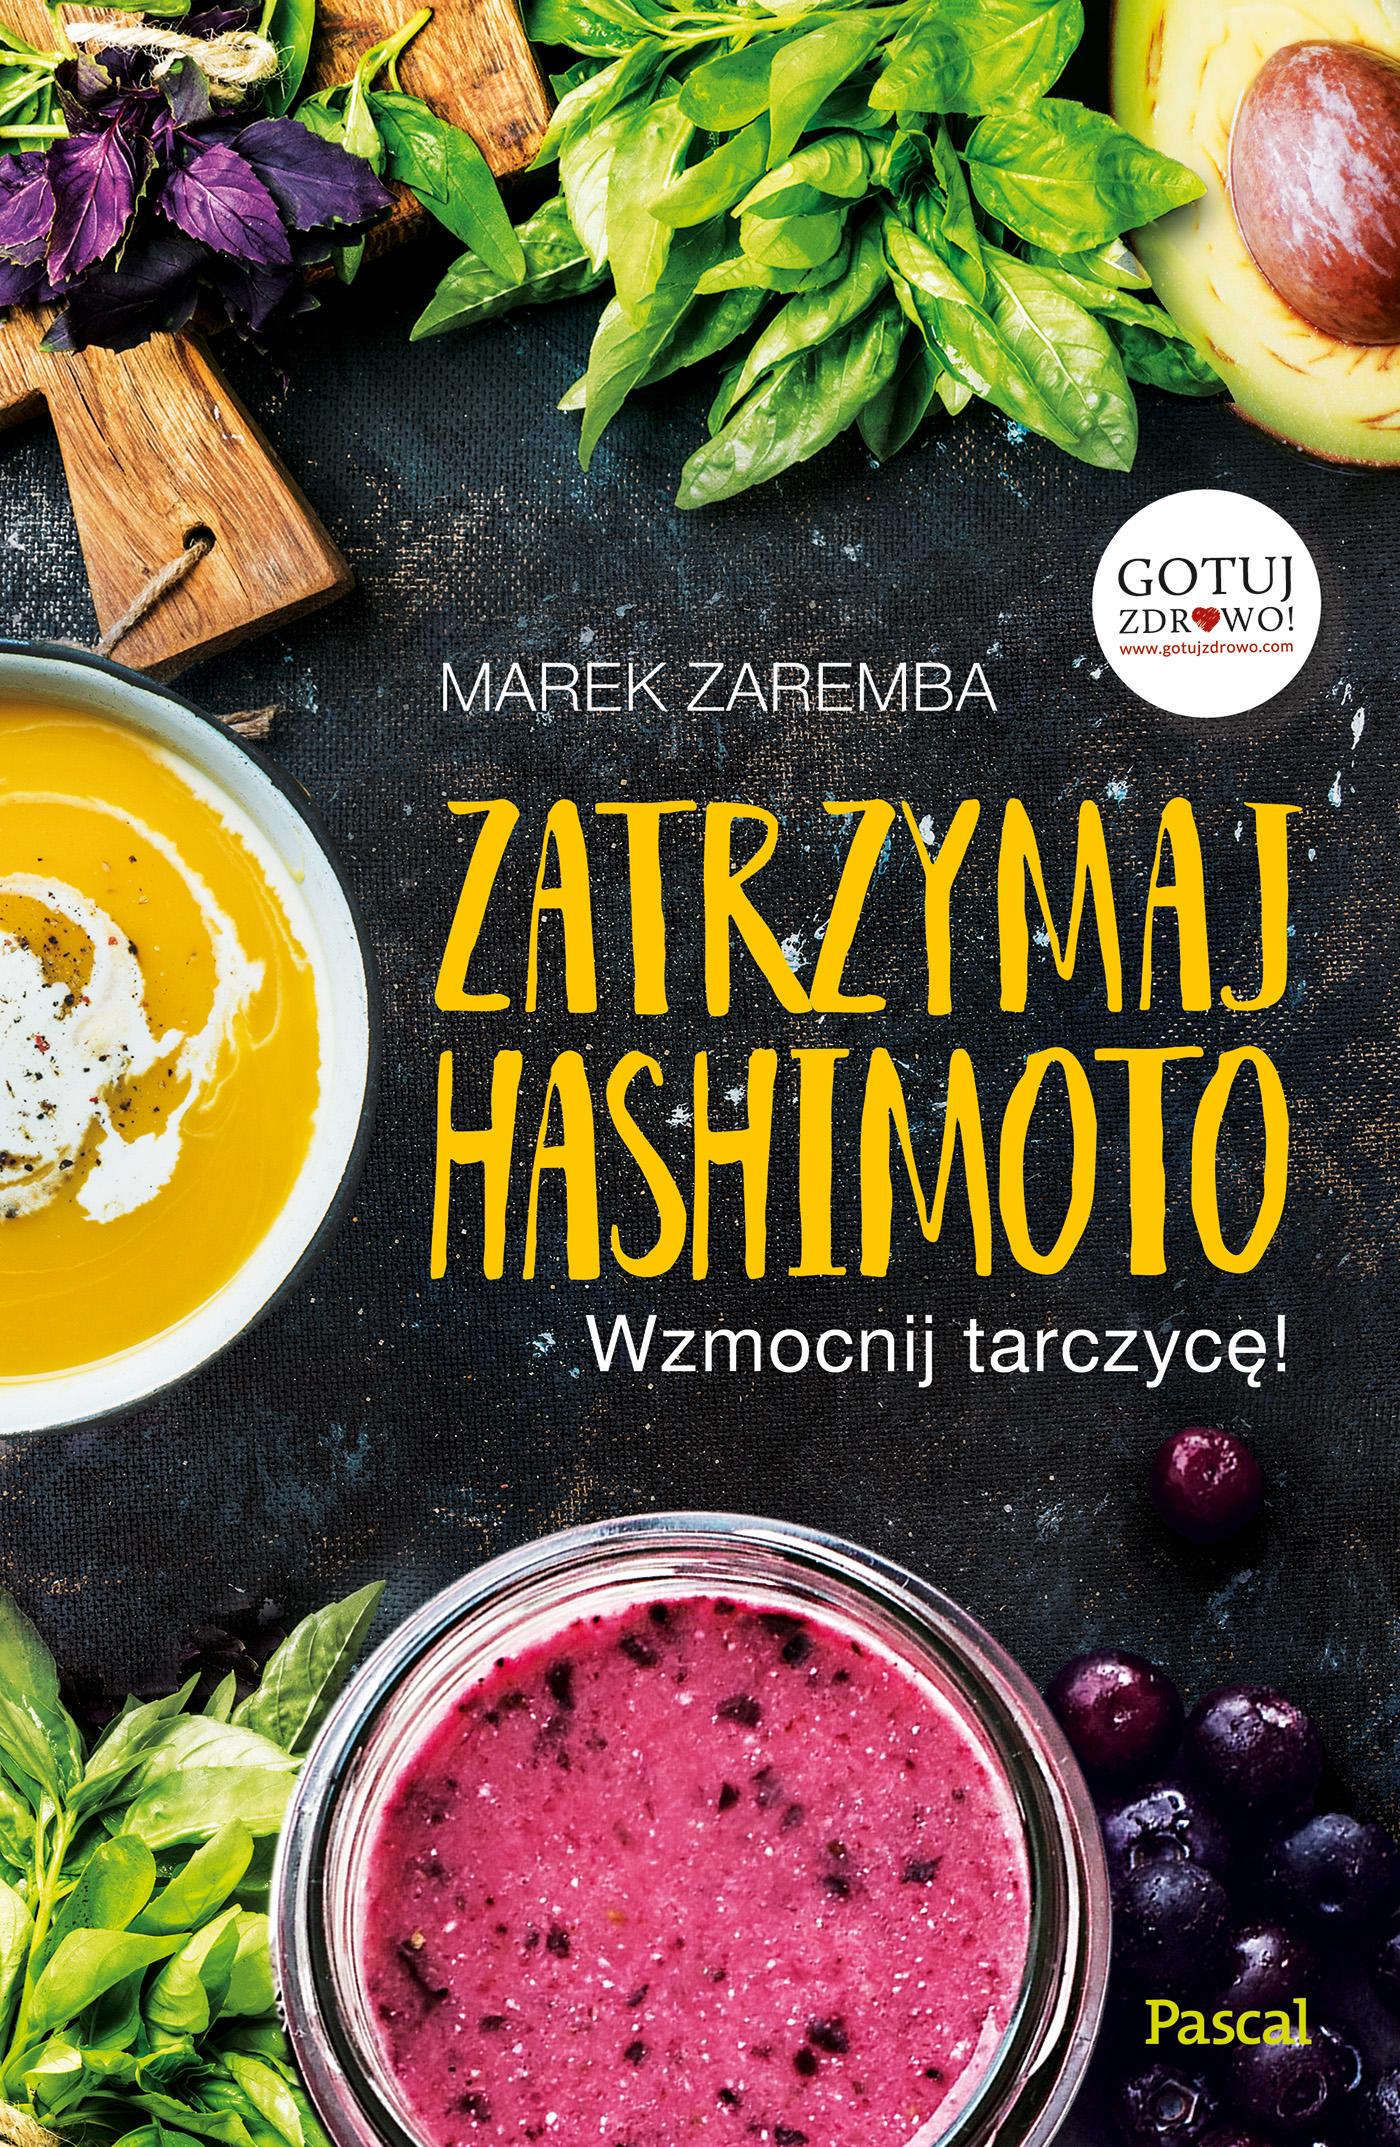 https://zdrowepodejscie.pl/zatrzymaj-hashimoto-wzmocnij-tarczyce-marek-zaremba,p466858,c